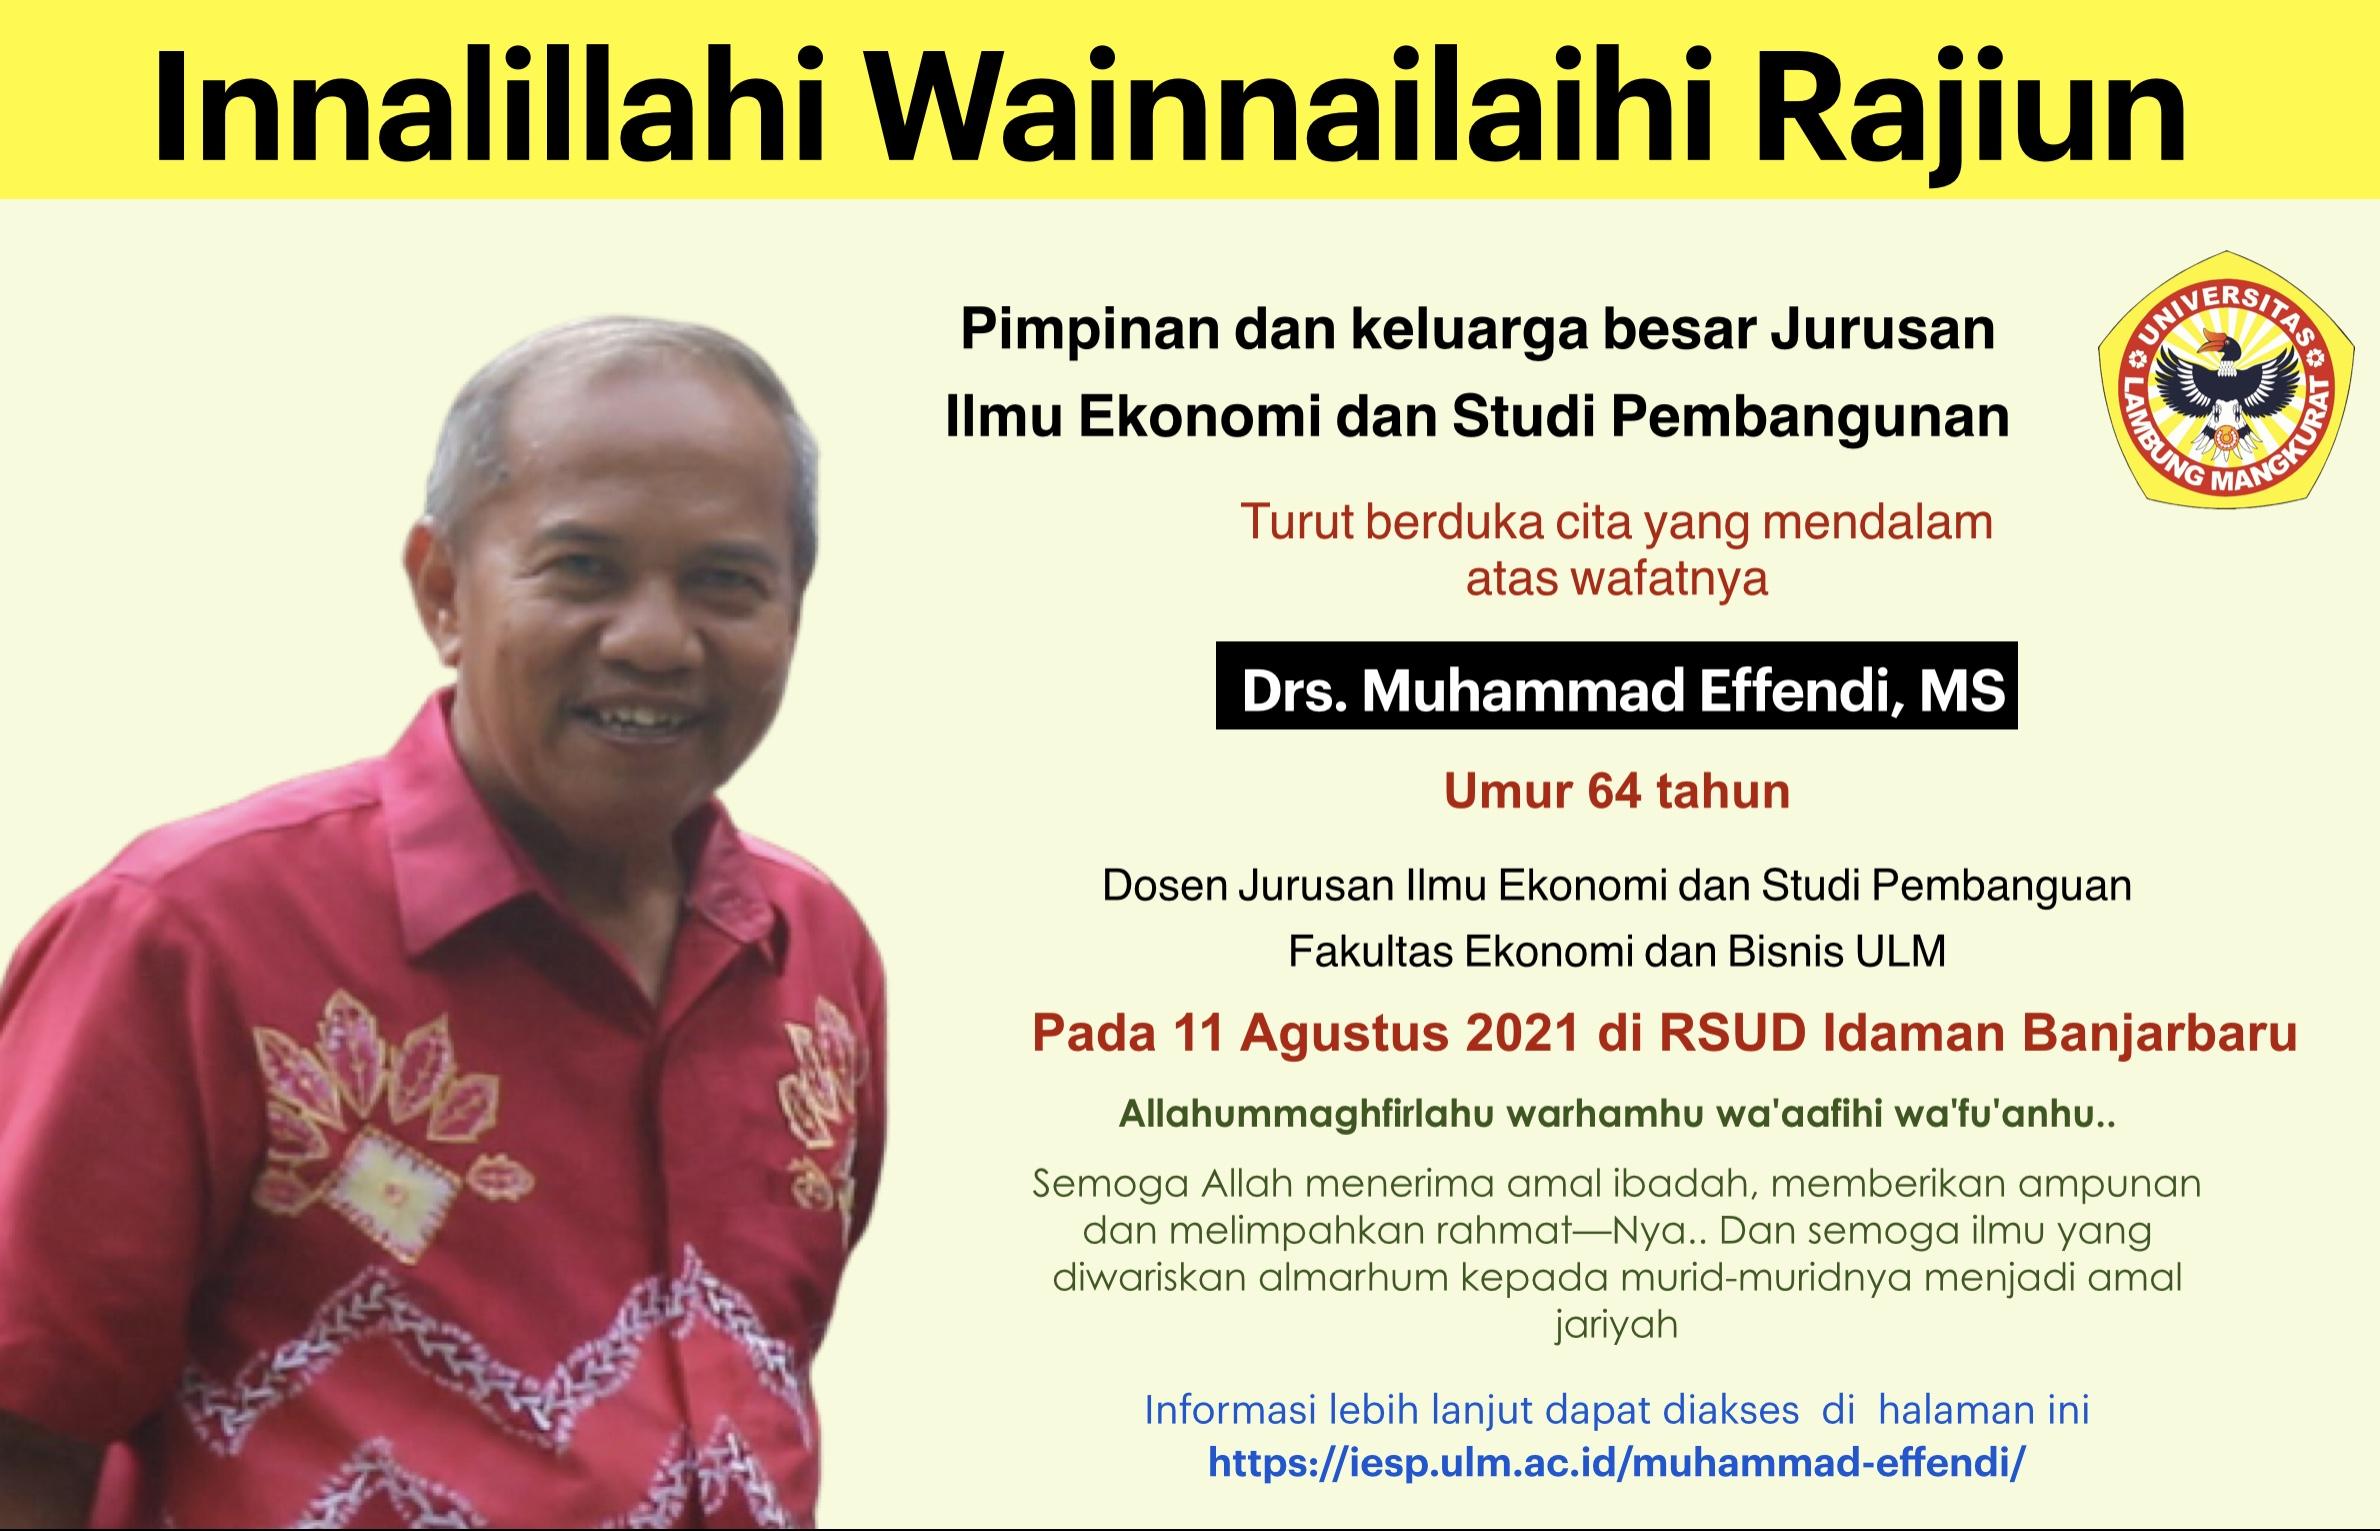 Innalillahi wa Innailaihi rajiun: Telah Berpulang Bapak Muhammad Effendi